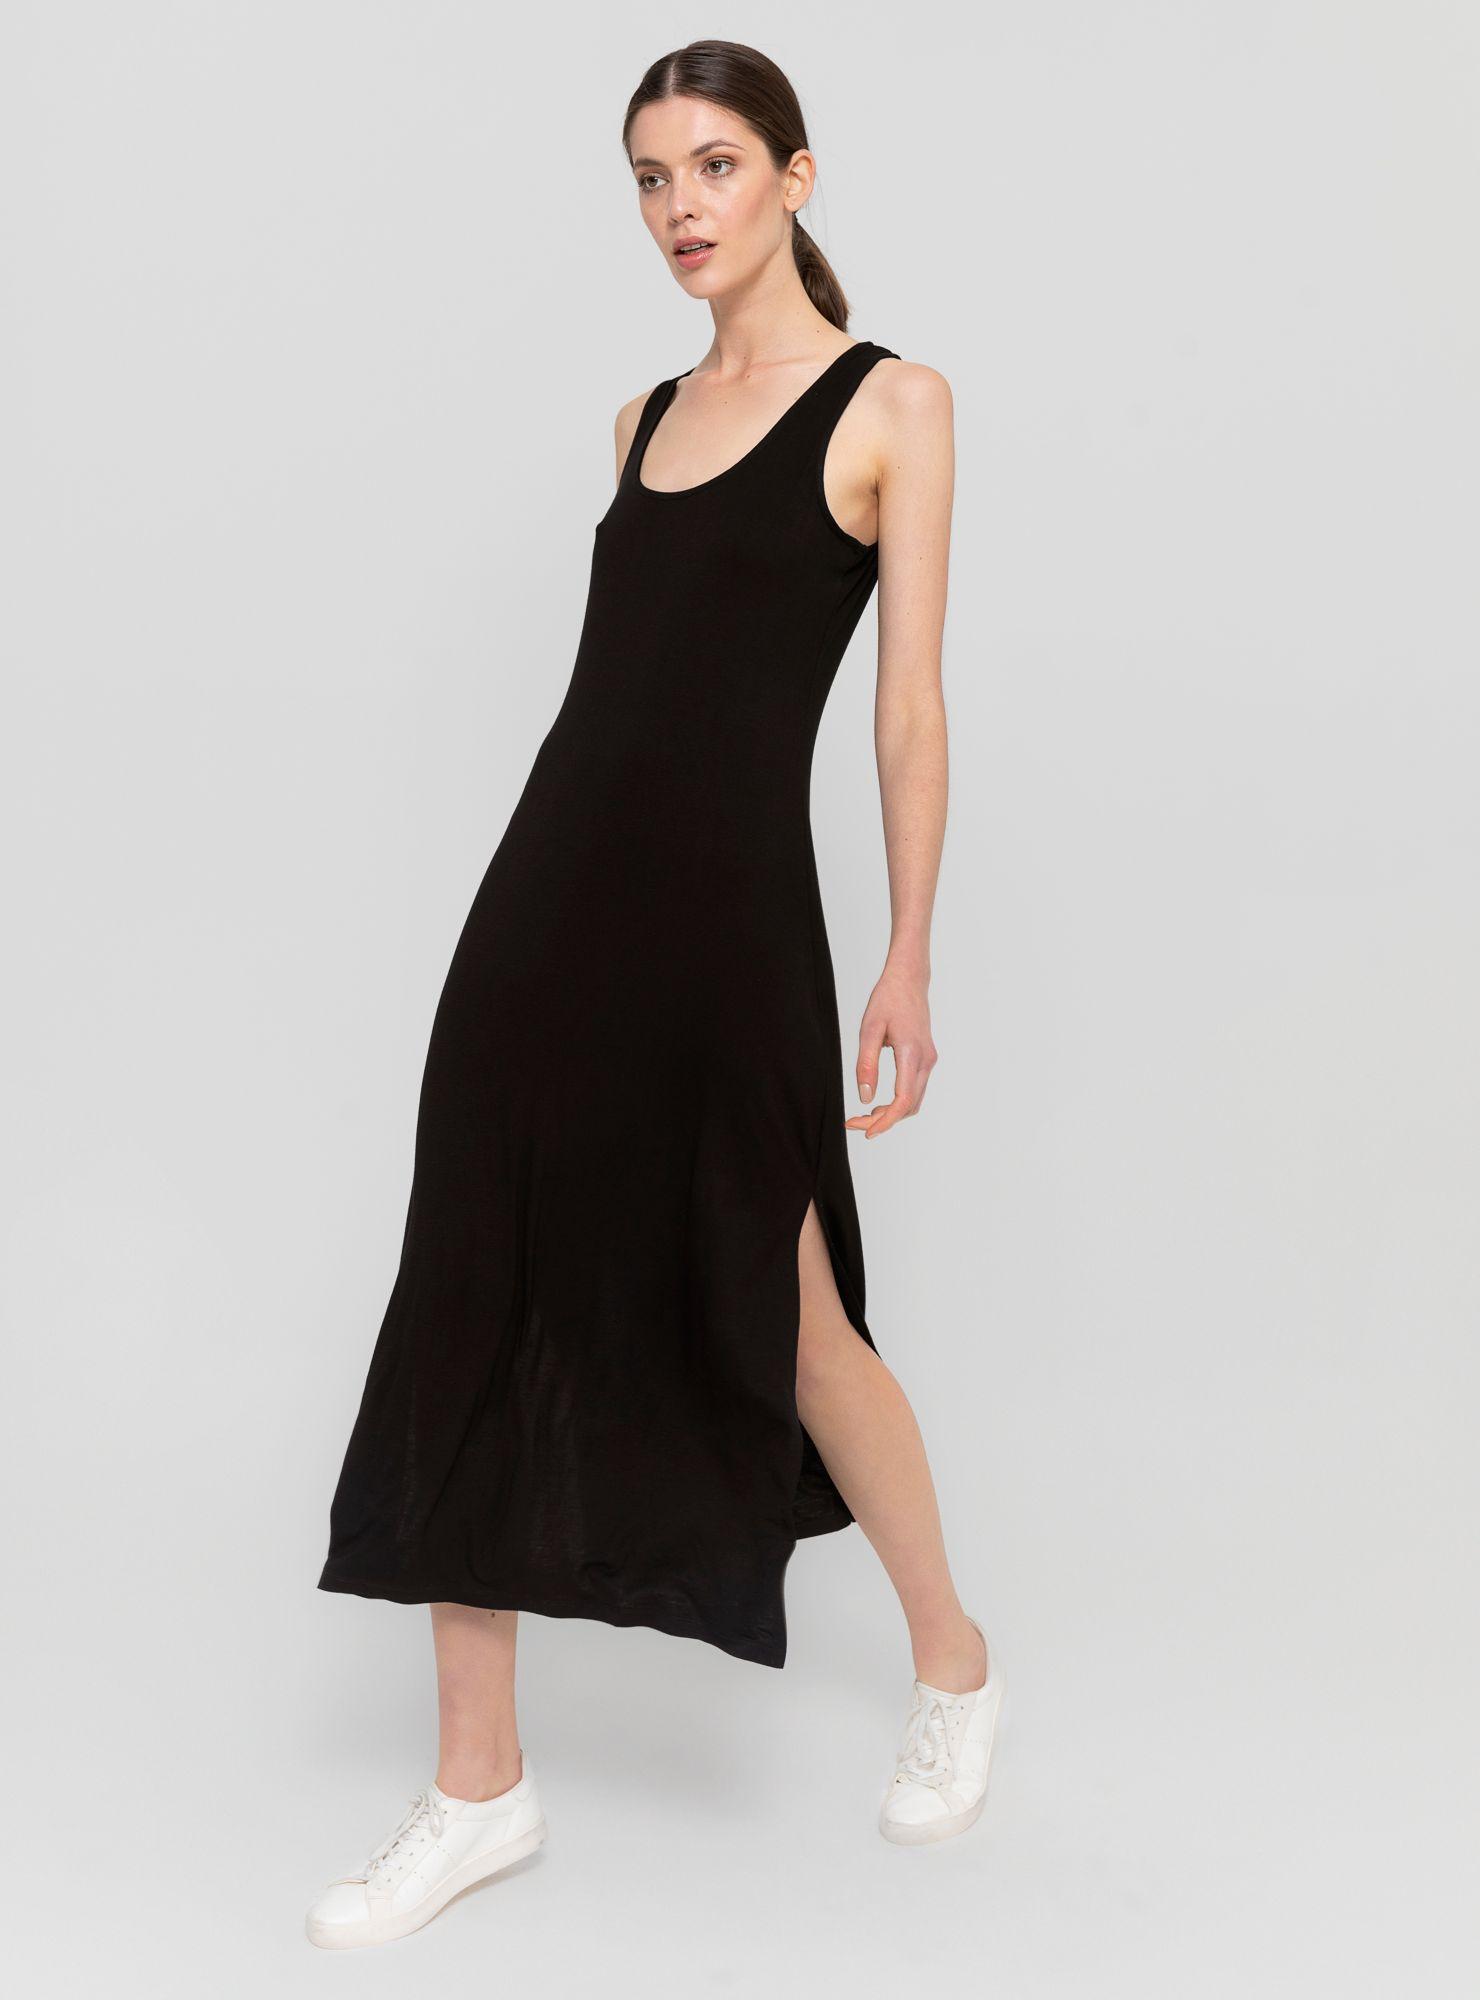 Vestidos baratos en patronato